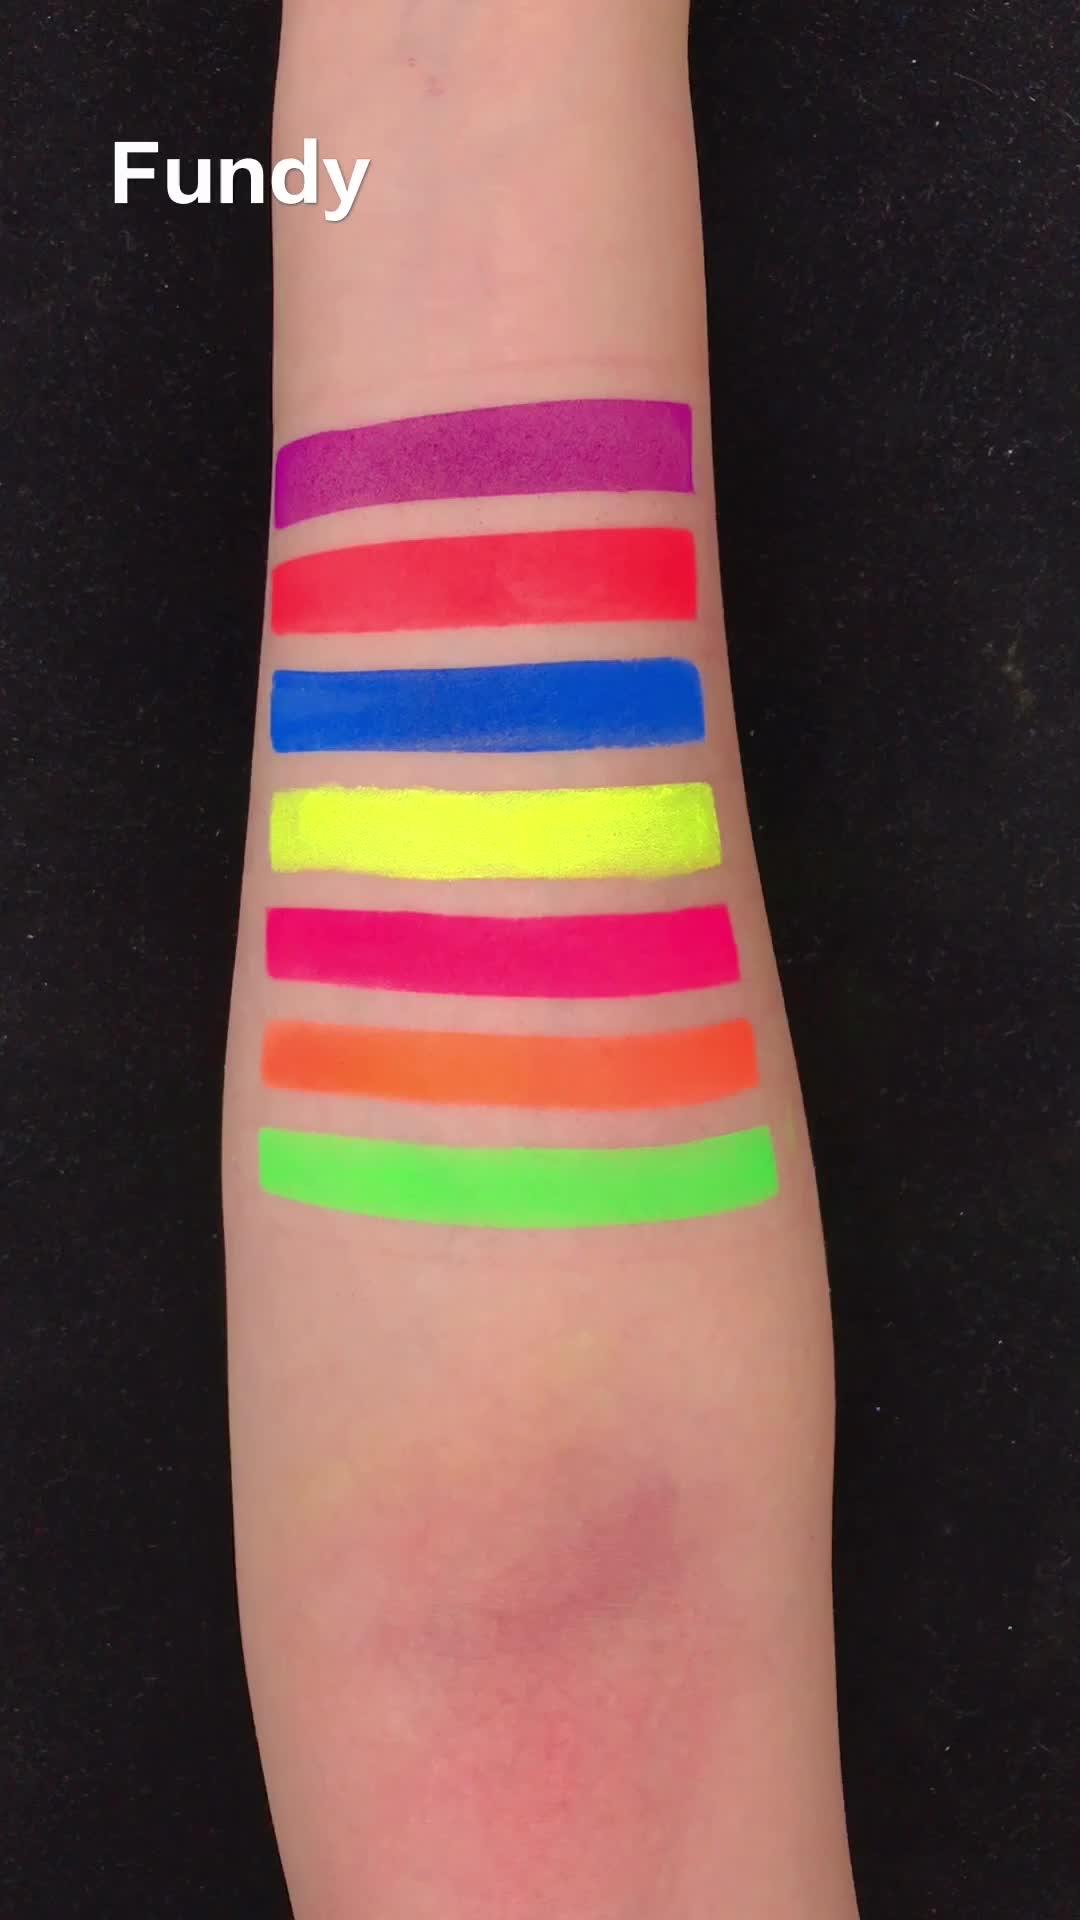 Cosmetica vegan geen merk groothandel make losse pigmenten geperst private label neon oogschaduw